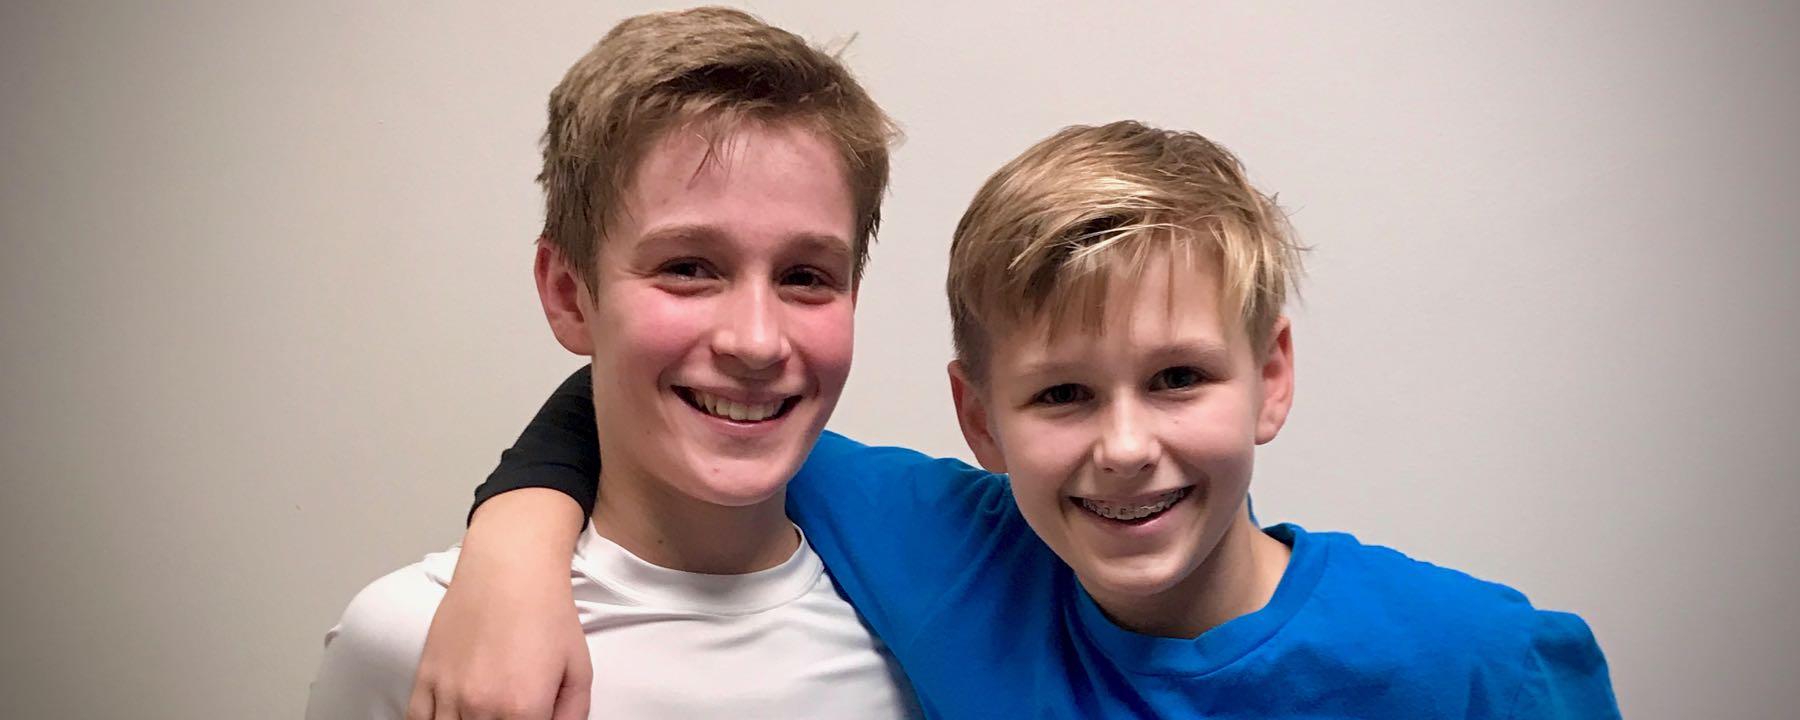 GAG-Handballer Qualifizieren Sich Für Den Bezirksentscheid Jugend Trainiert Für Olympia Handball